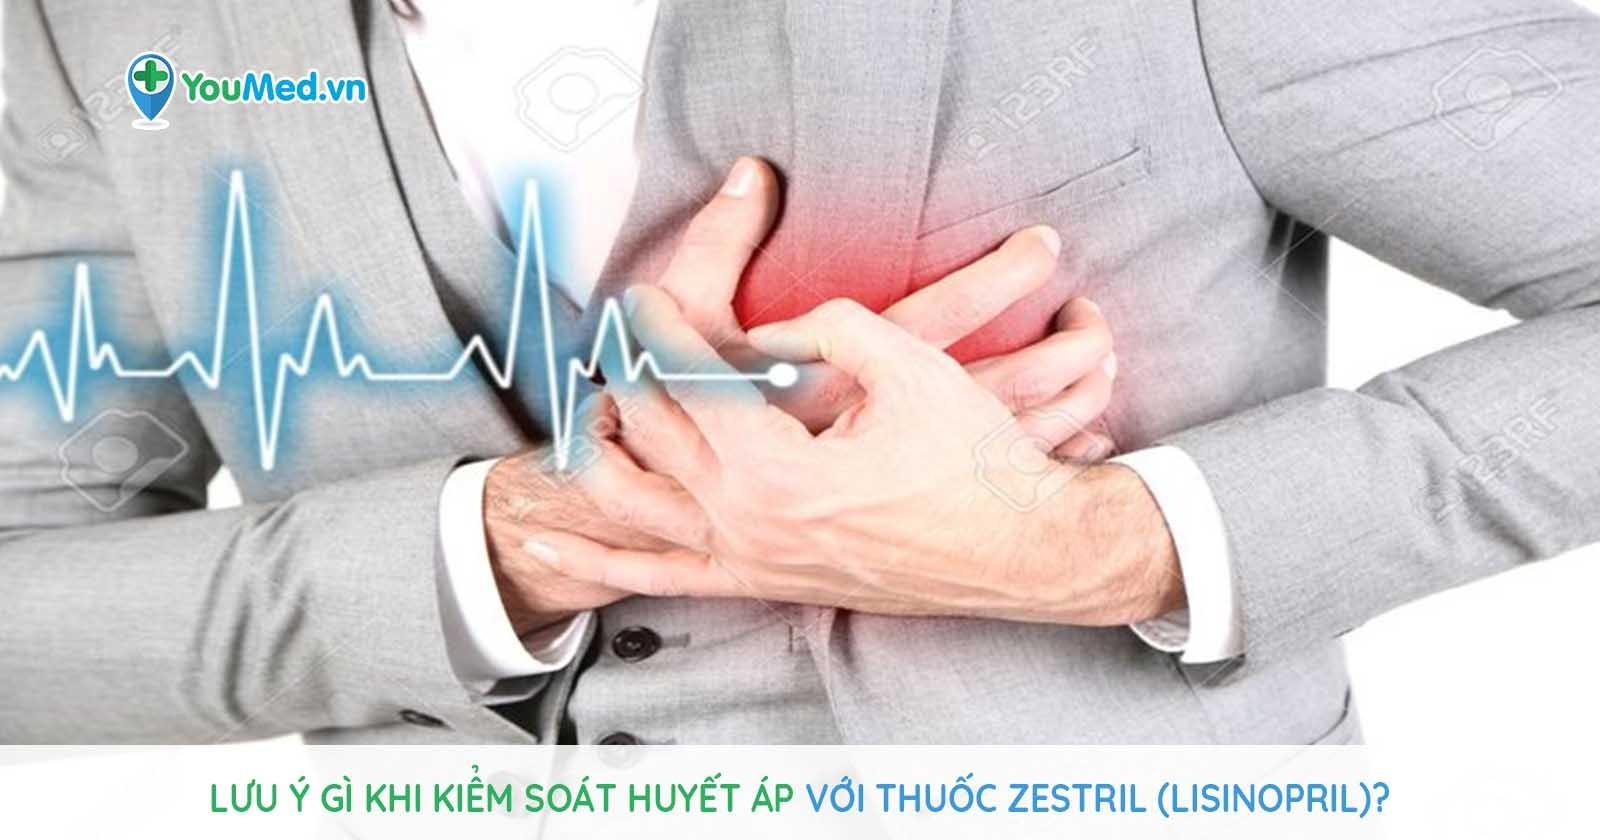 Lưu ý gì khi kiểm soát huyết áp với thuốc Zestril (lisinopril)?